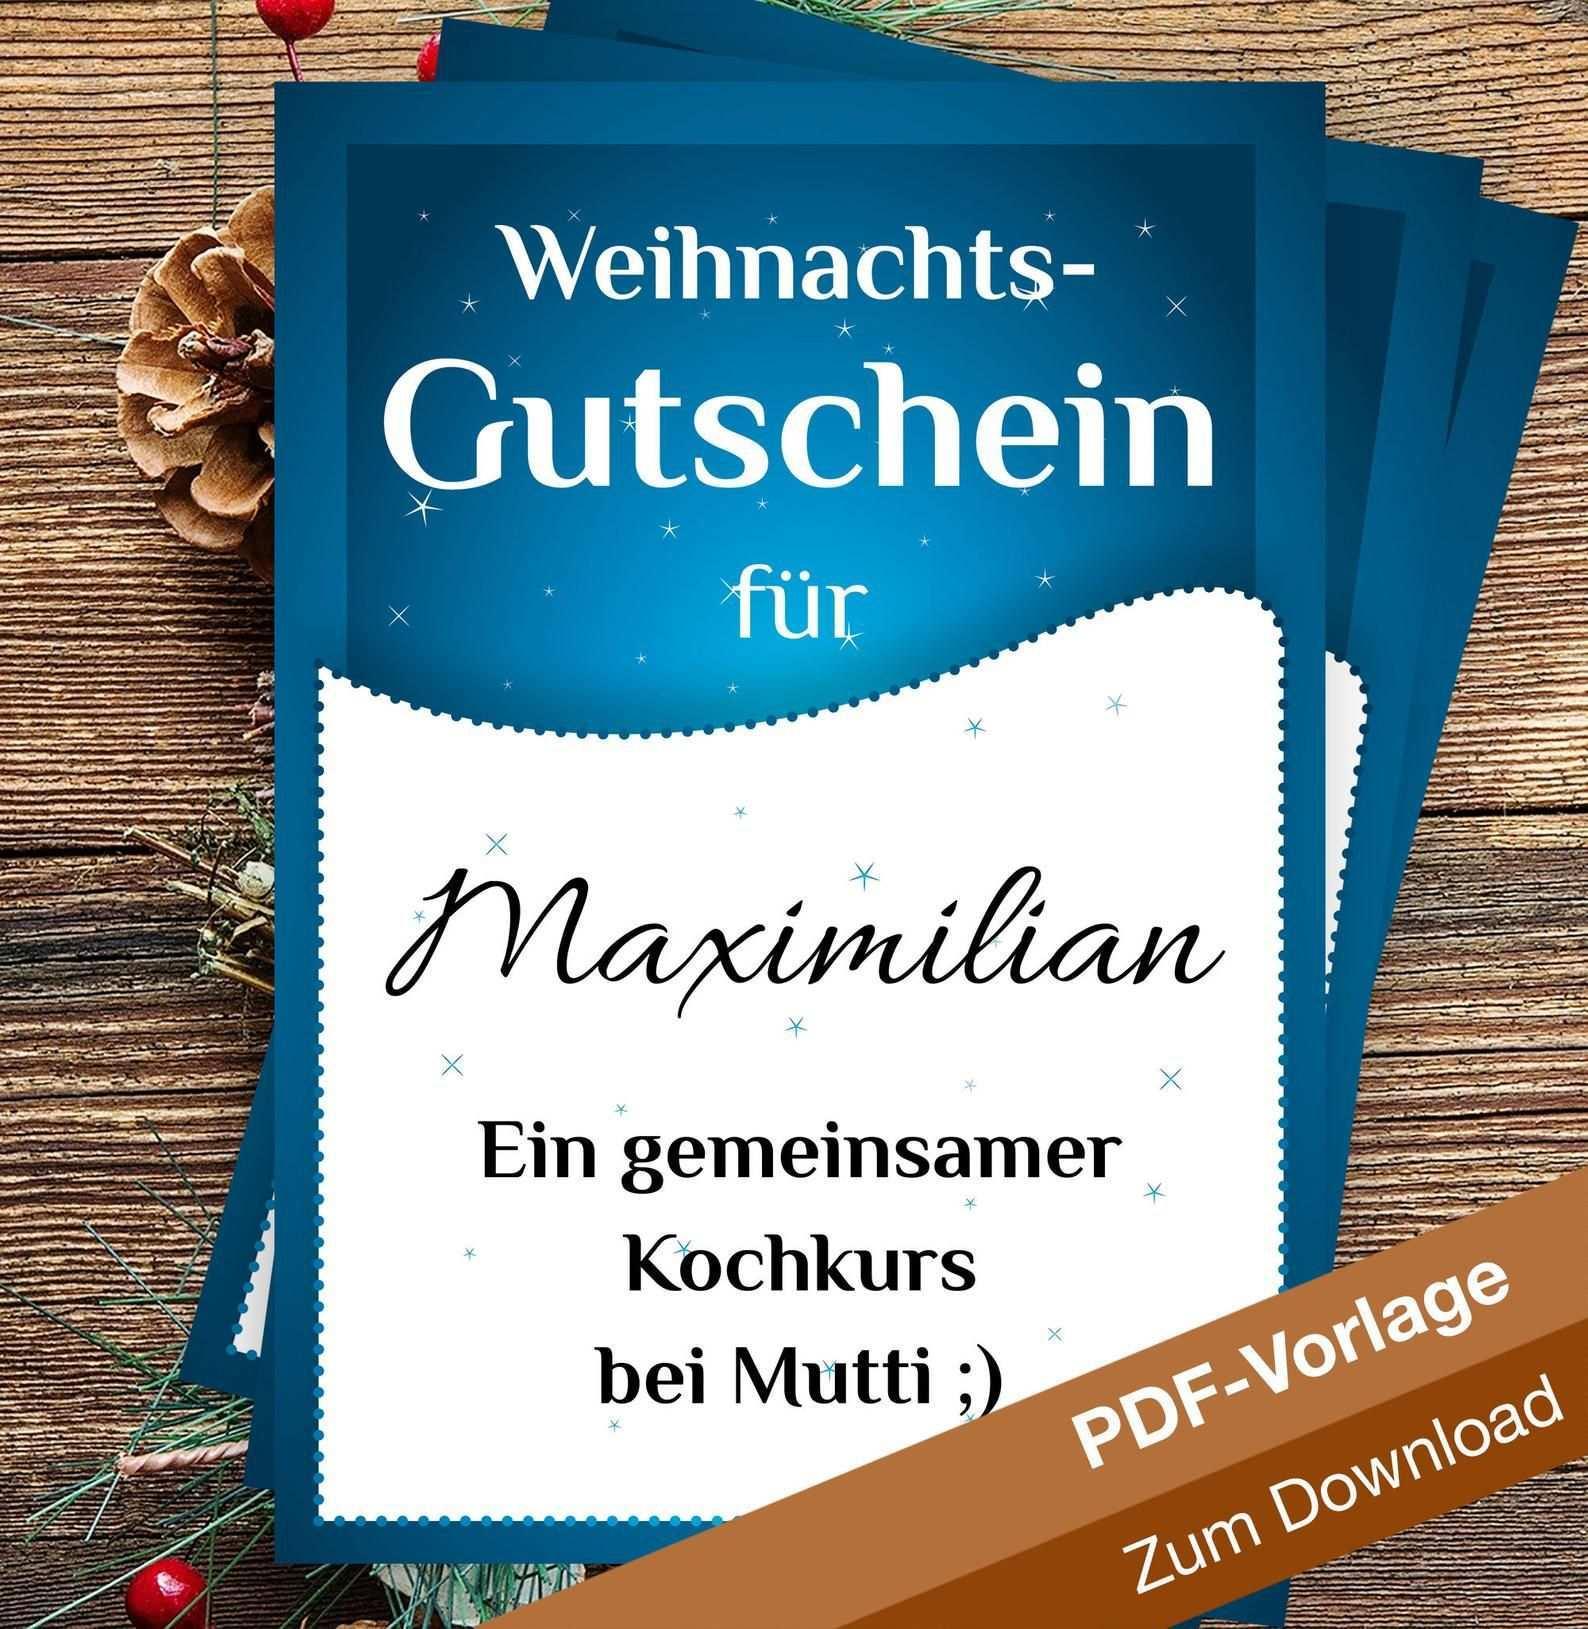 Weihnachtsgutschein Vorlage Design Pdf Zum Beschriften Book Cover Books Digital